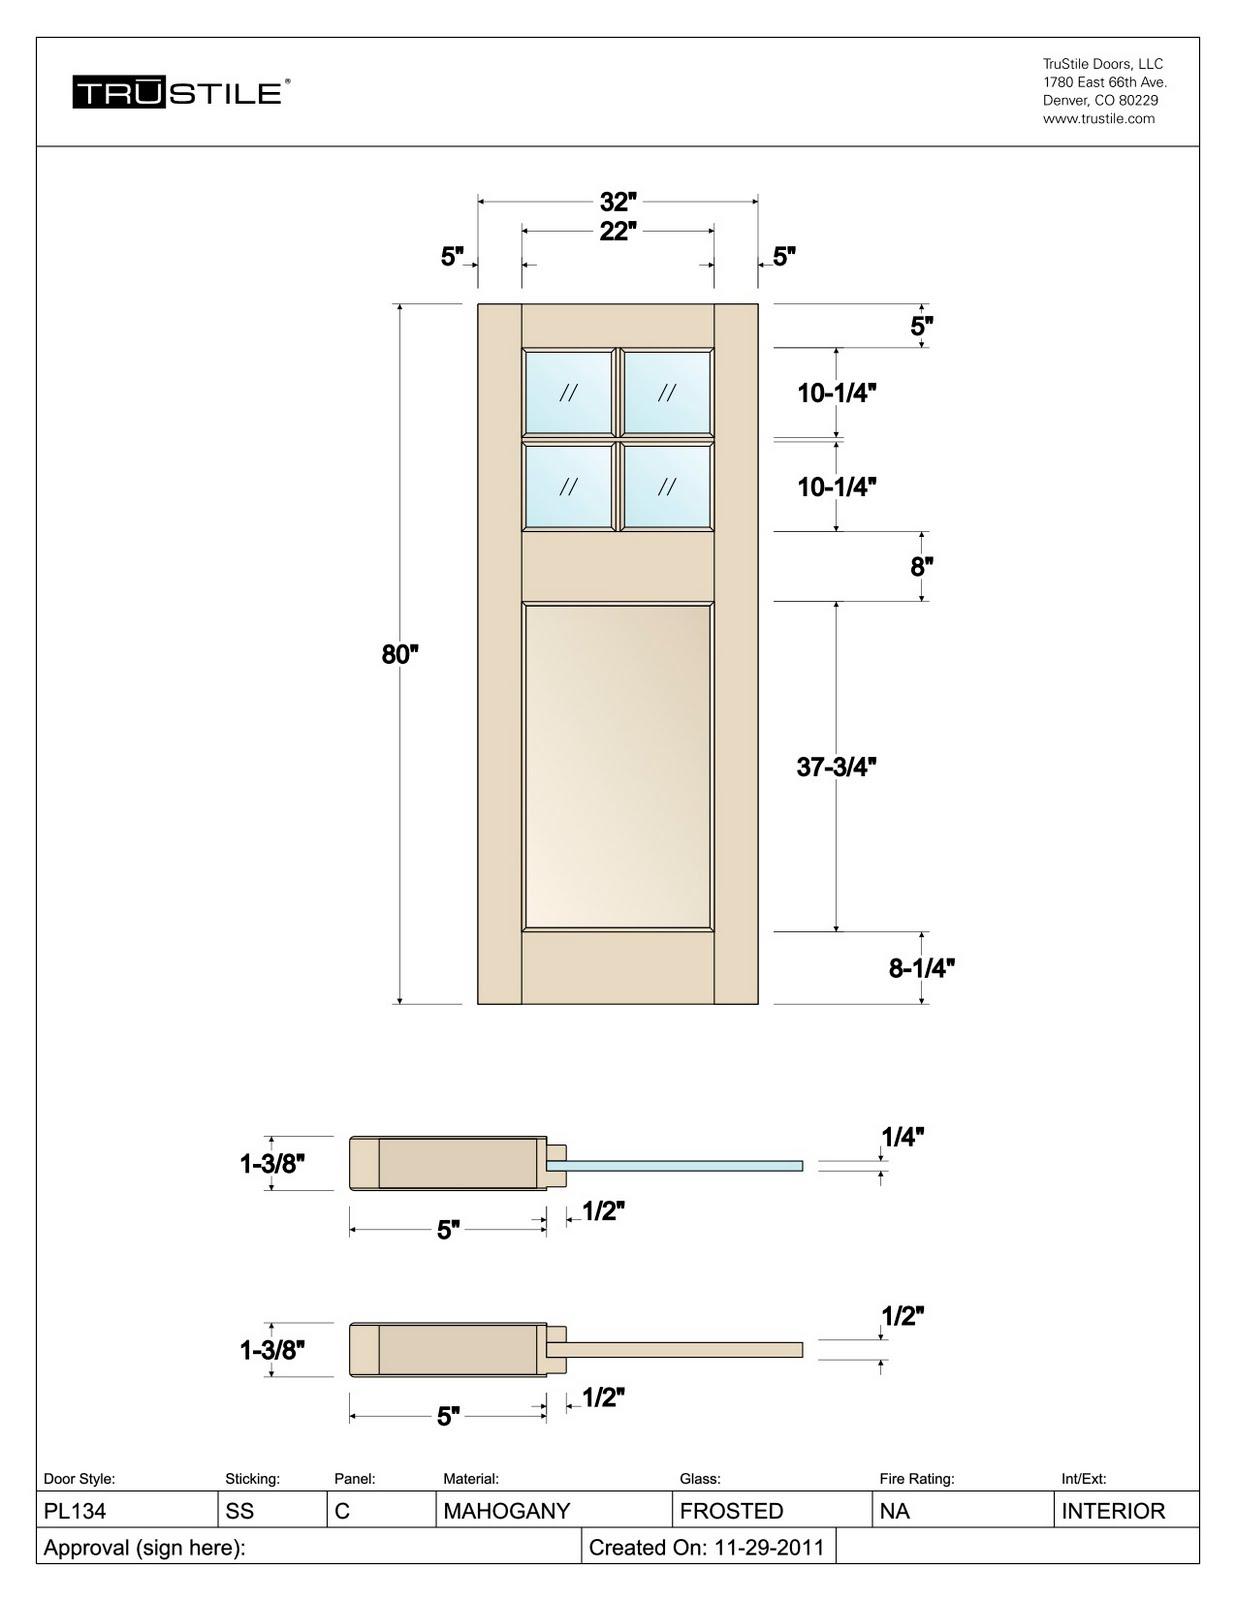 Studio CrowleyHall, pllc: Design Your Own Door!